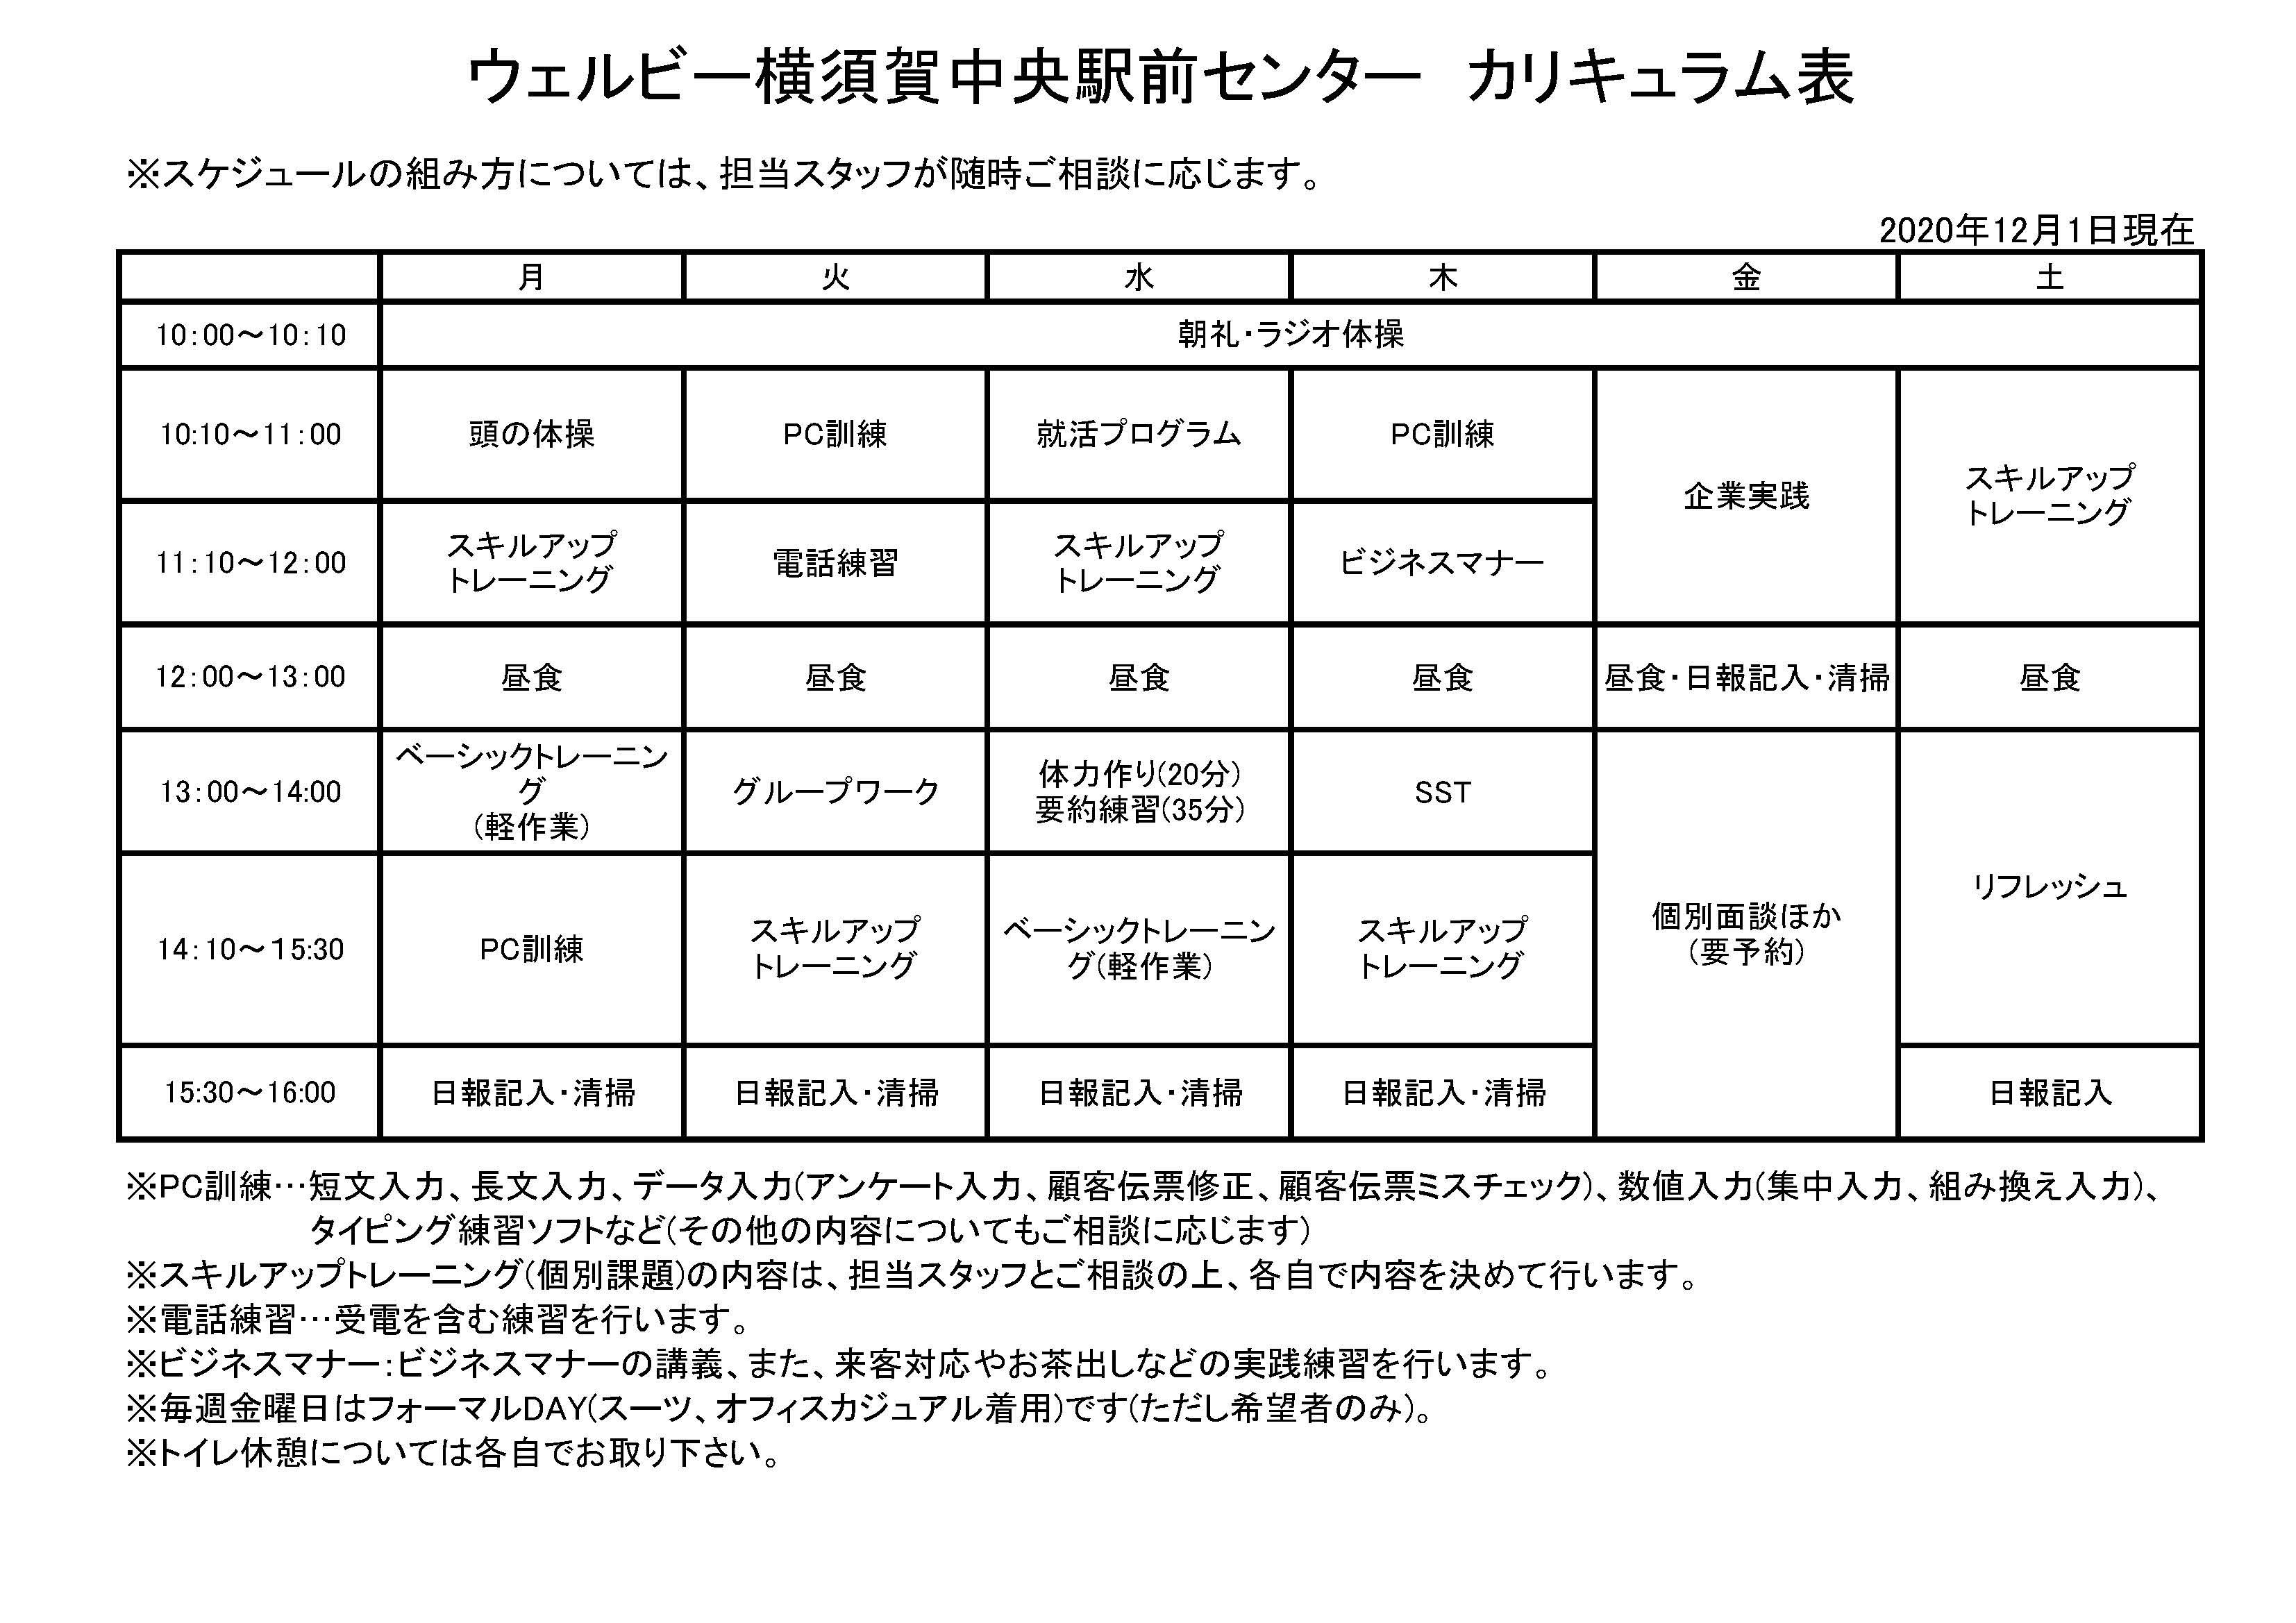 週間カリキュラム表(横須賀)